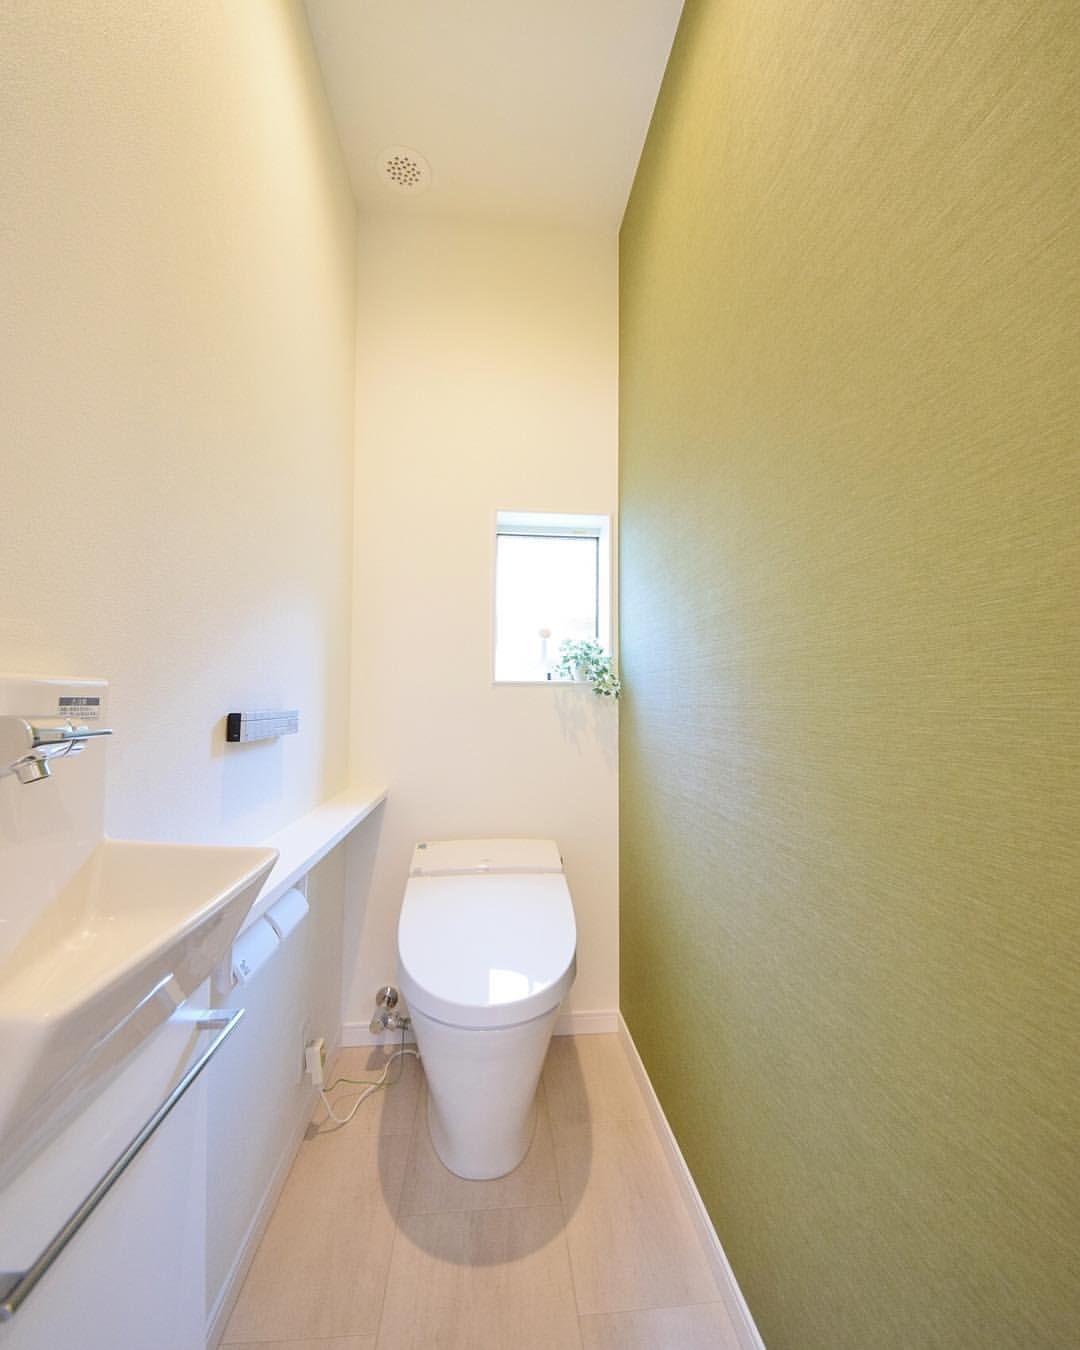 トイレの壁紙は一面だけでも変えると印象がガラリと変わります グリーン系の壁紙を使うと 落ち着いた雰囲気に 高知 建匠 マイホーム マイホーム計画中 マイホーム計画中の人と繋がりたい インテリア トイレ 壁紙 グリーンカラー コーディネータ トイレ